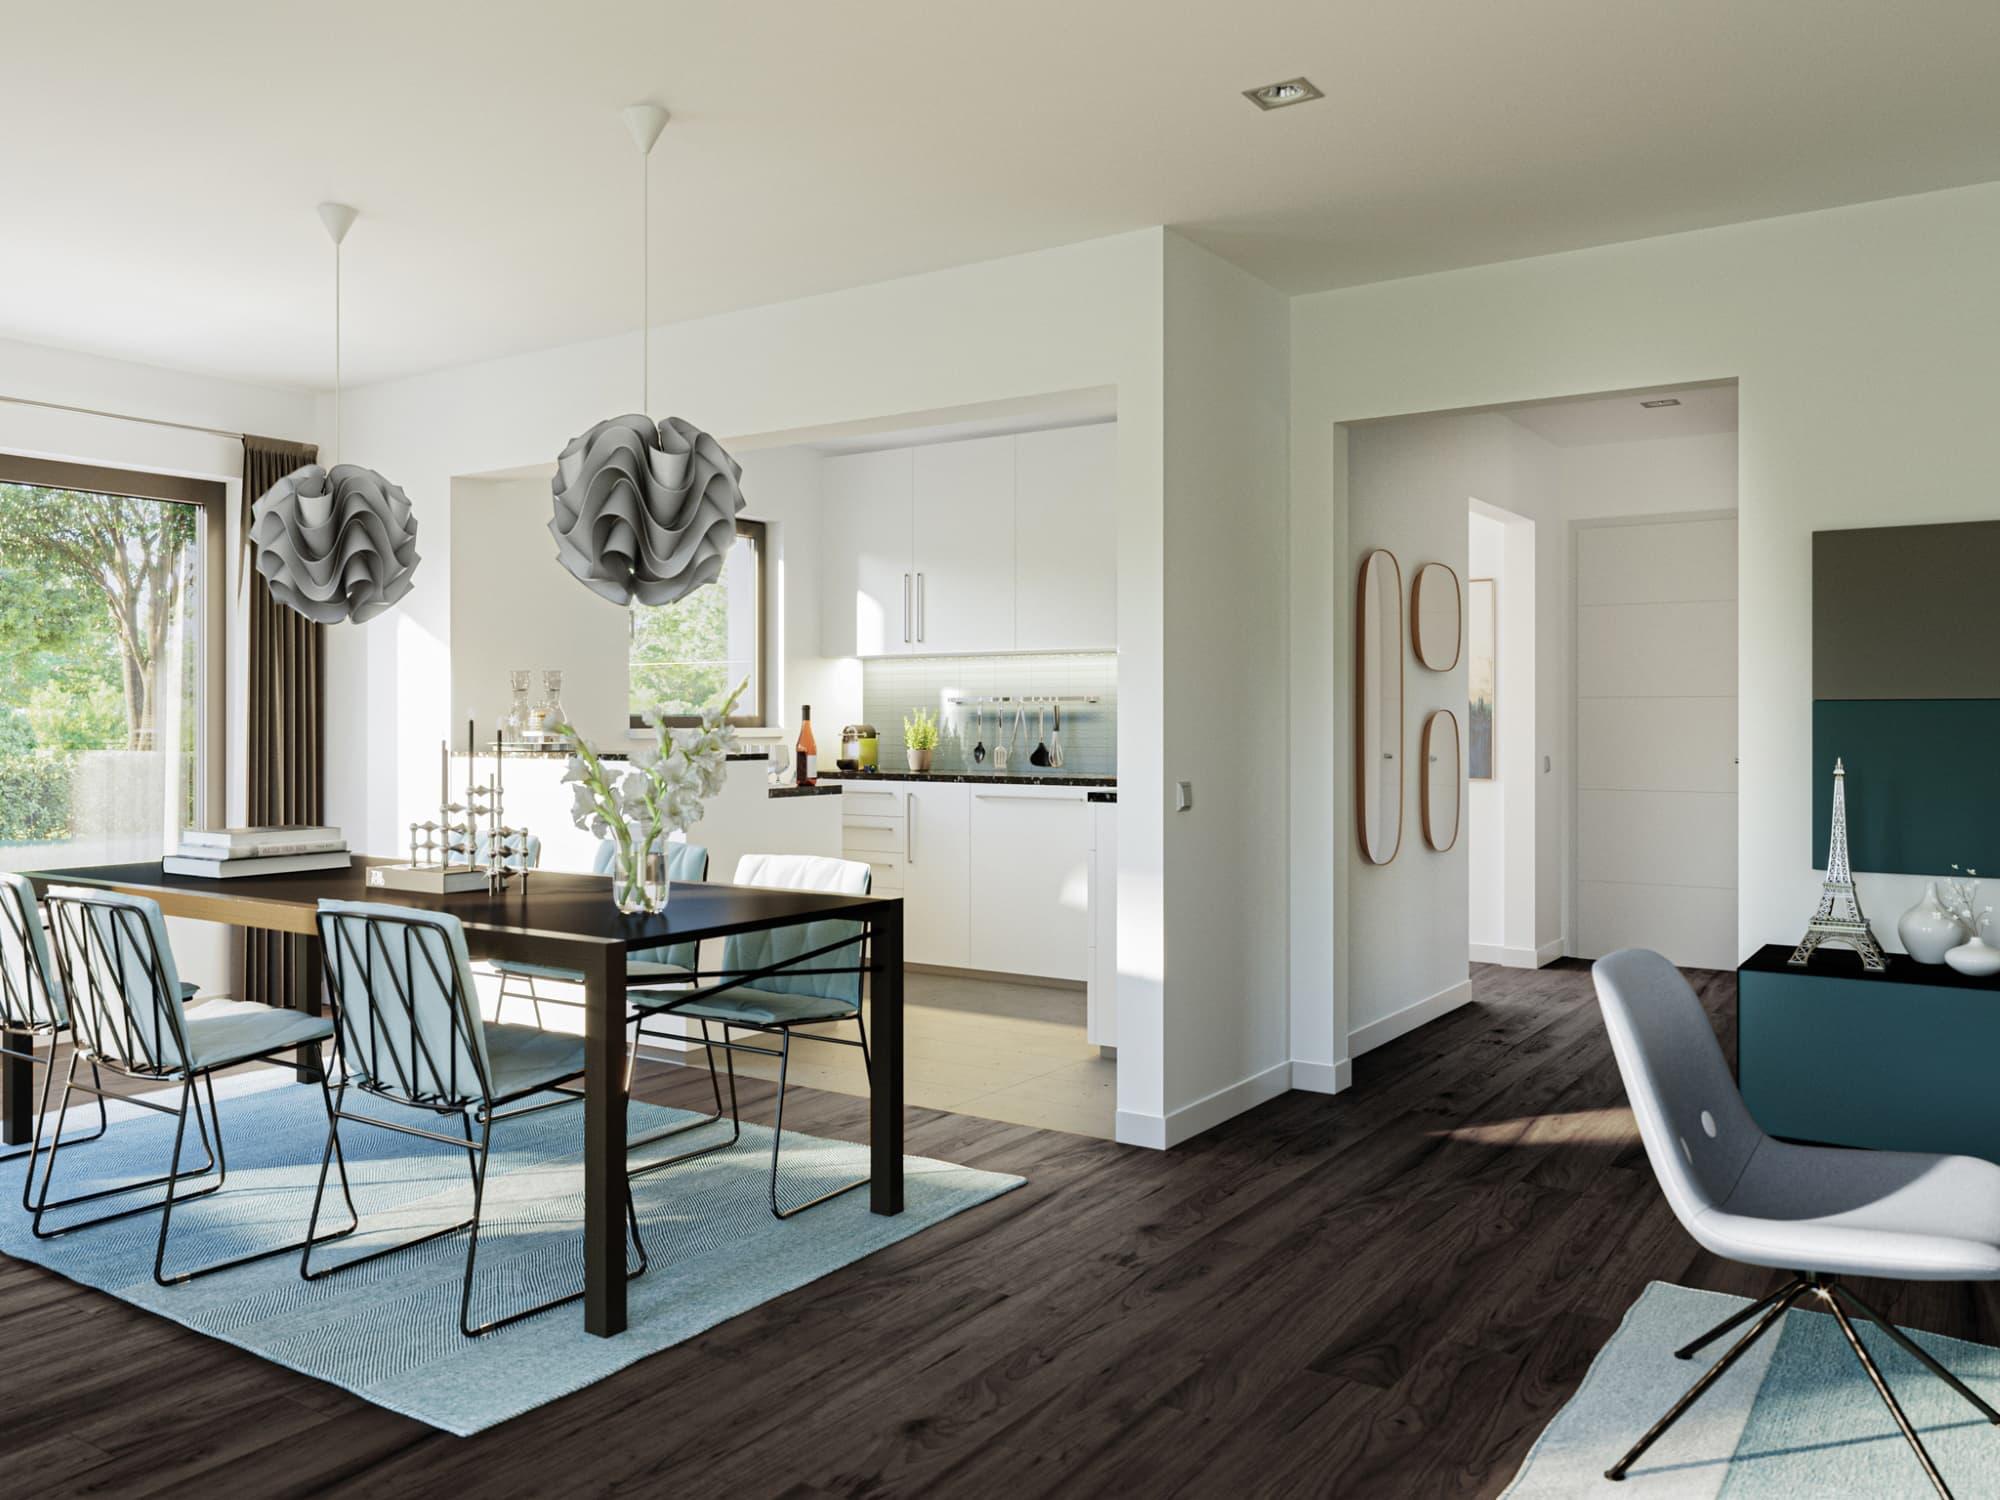 Offene Küche mit großem Esstisch aus Holz - Haus Design Ideen Inneneinrichtung Bien Zenker Fertighaus EDITION 123 V4 - HausbauDirekt.de